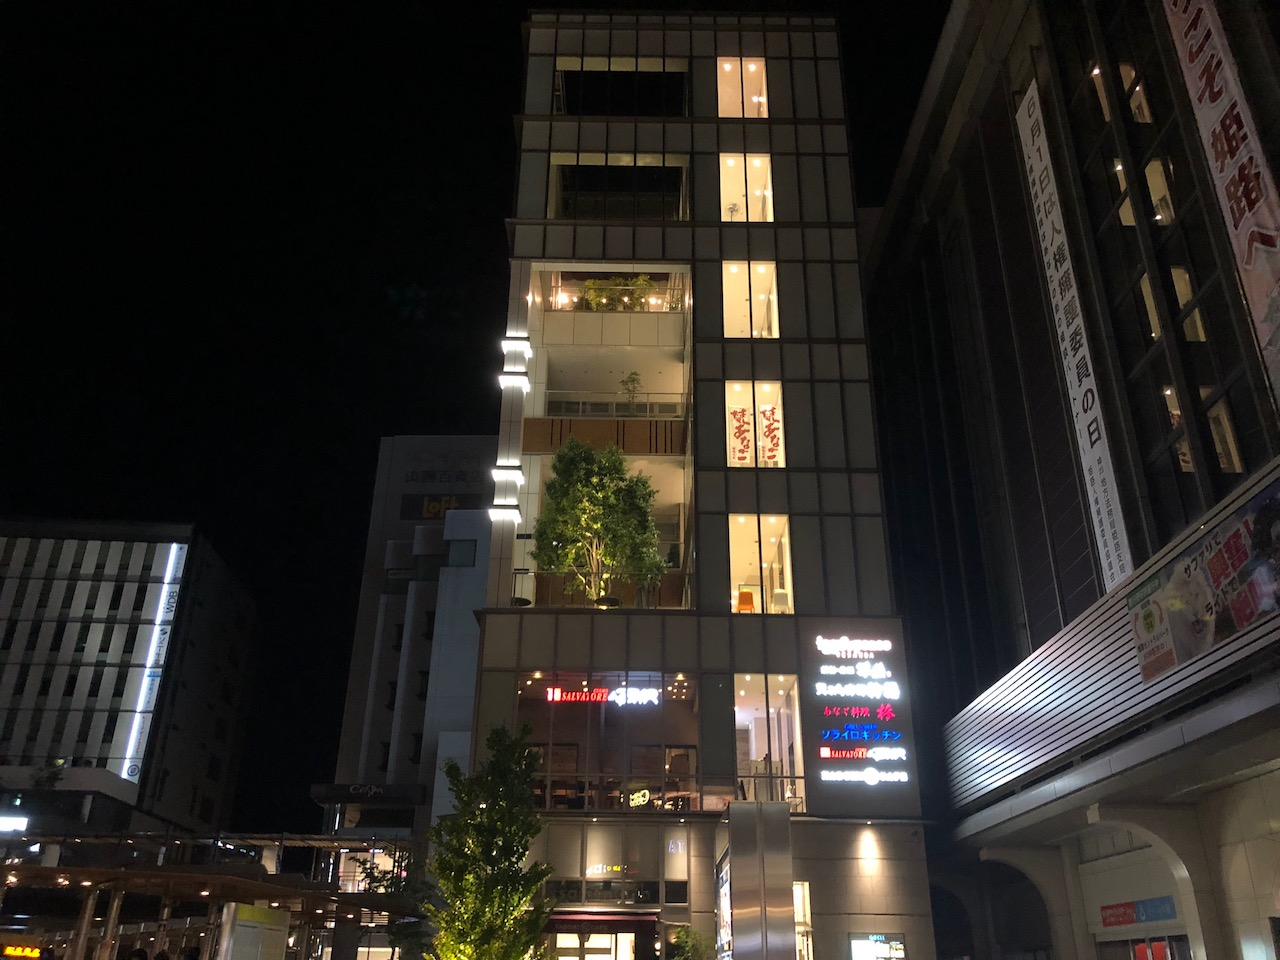 姫路駅前キュエル姫路7階にあるイグアンドピース ベランダに行ってきた!なんだここ!?デートにおすすめ